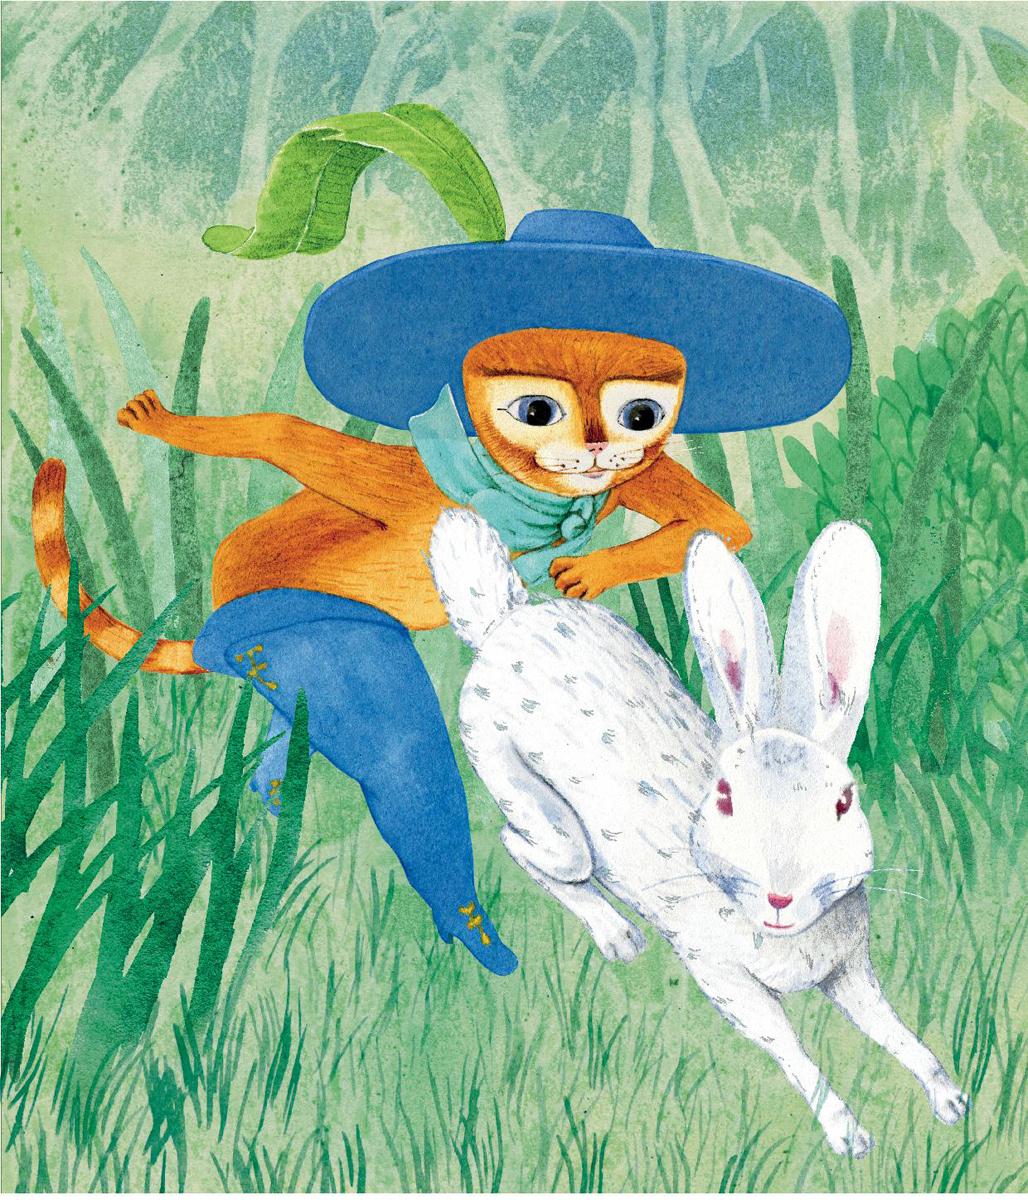 Картинки кота в сапогах из сказки шарля перро рисунок